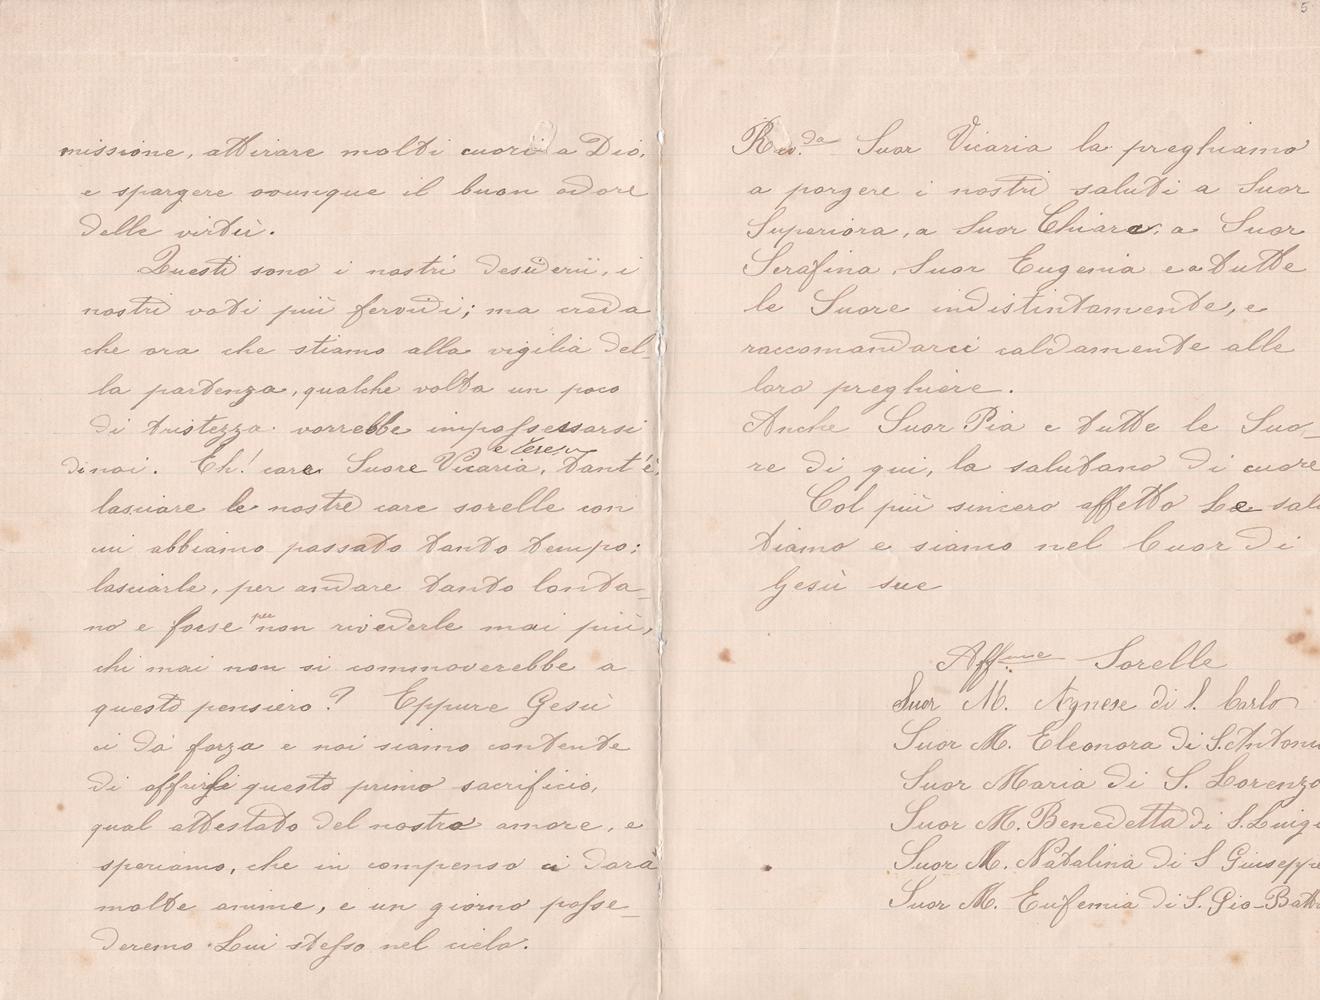 Lettera del gruppo missionario del 21 aprile 1899 verso